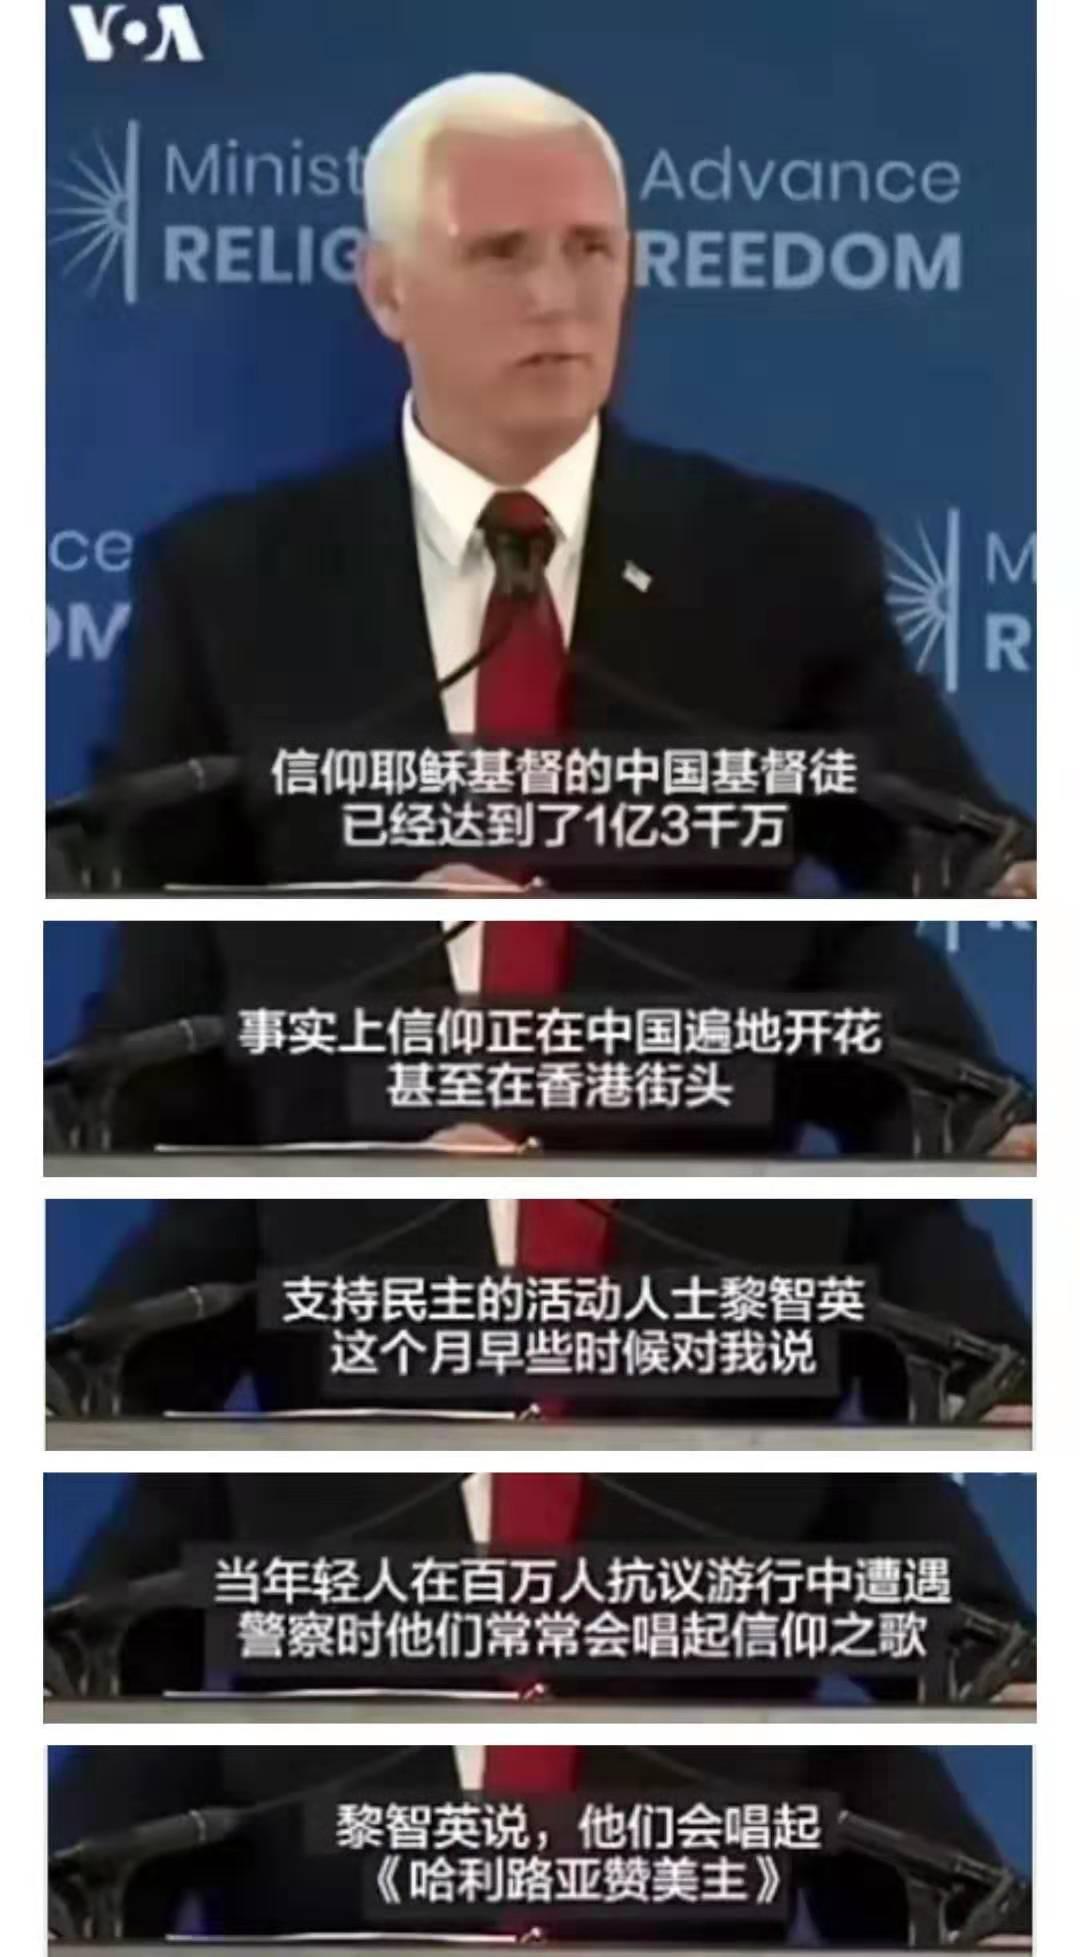 刘仰:宗教是颜色革命的工具之一